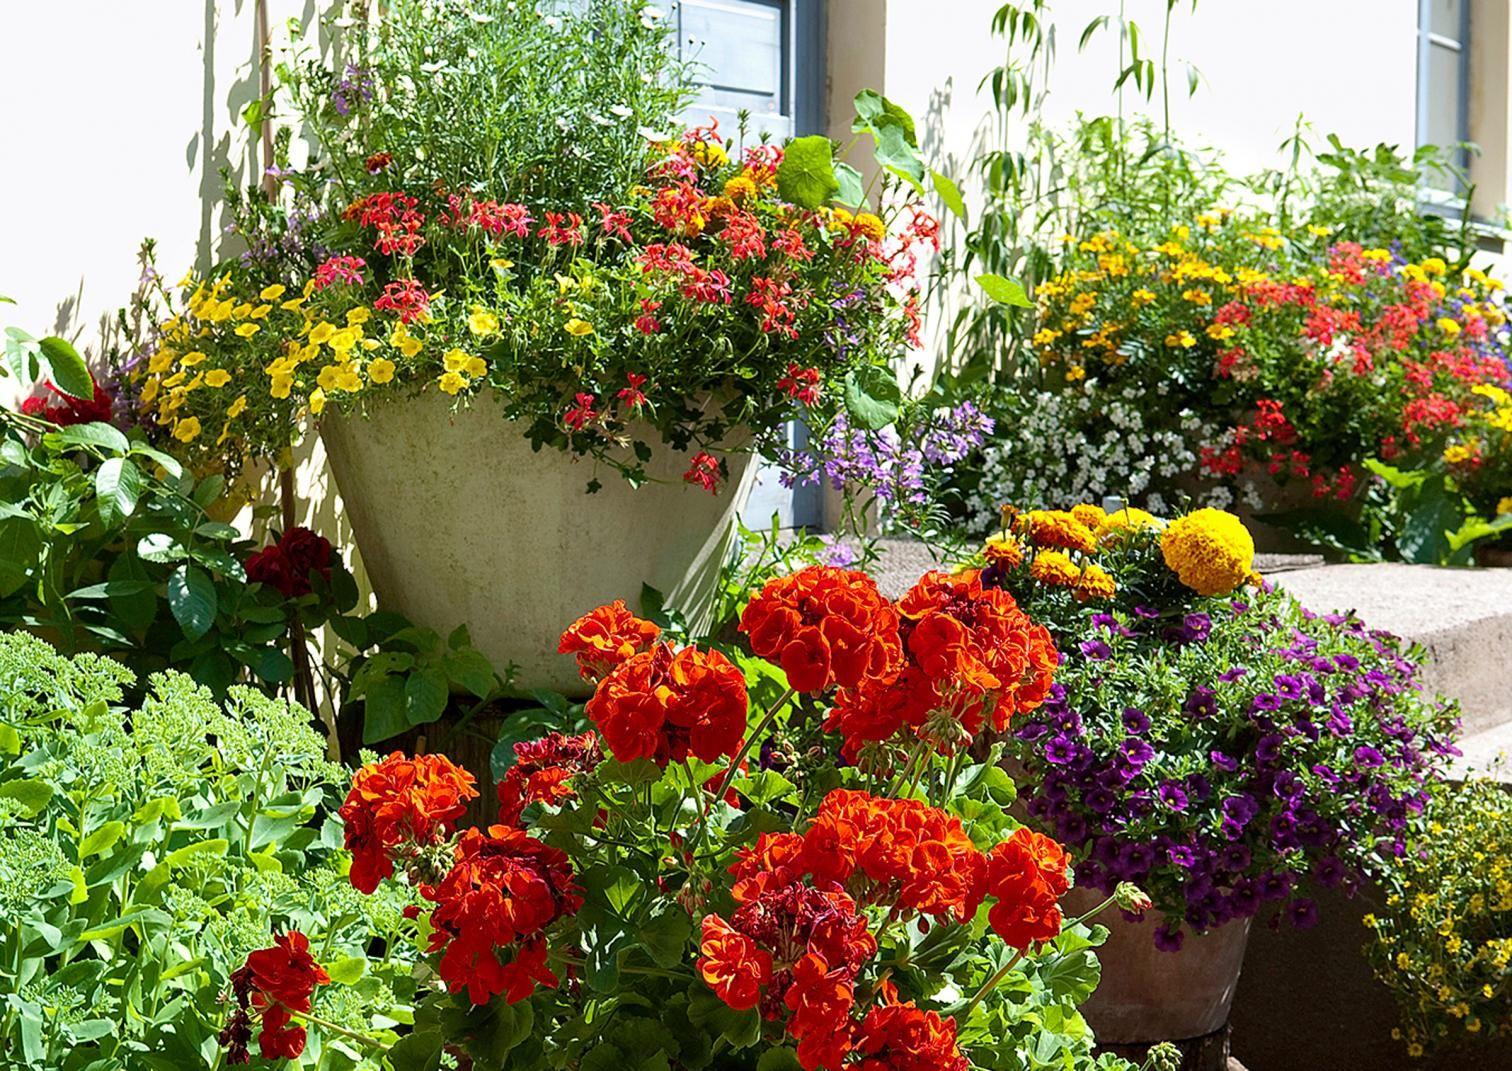 Monet lämpöä vaativat ja värikkäät kesäkukat viihtyvät mainiosti juuri ruukuissa. Lue vinkit värikkään ruukkupuutarhan kasvivalintoihin Viherpihasta!